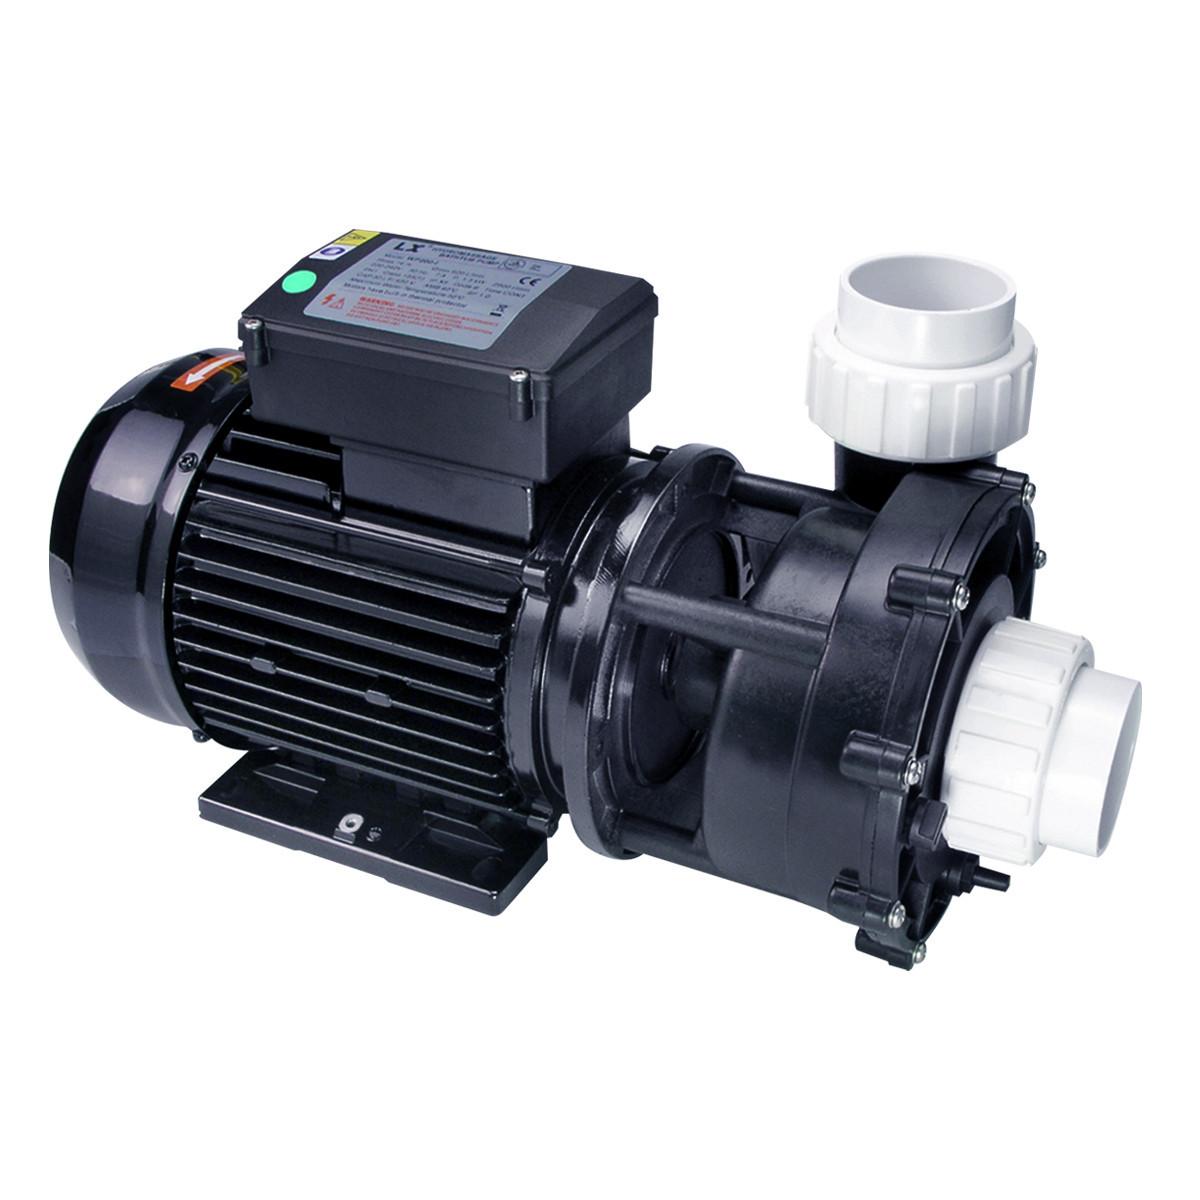 Насос AquaViva LX LP200M/OS200M 27 м³/ч (2HP, 220В), для аттракционов (без префильтра)